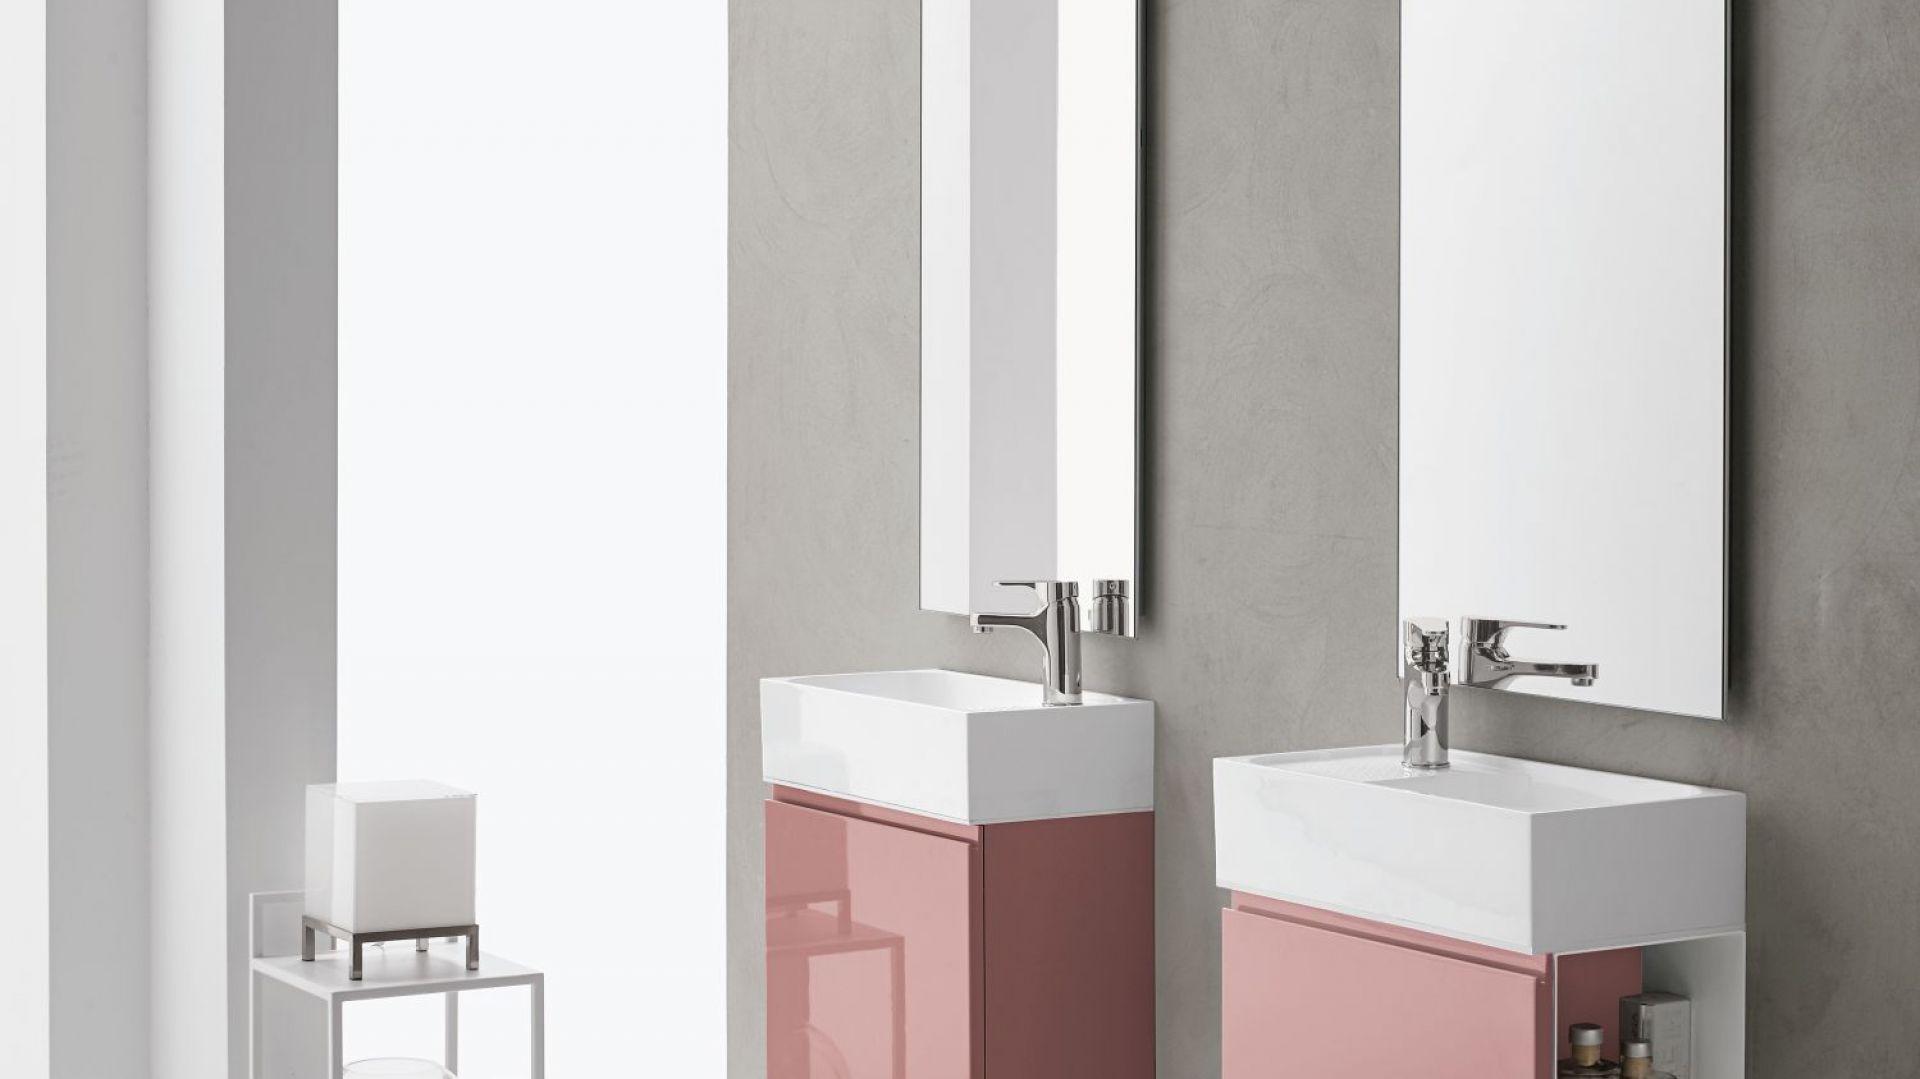 Meble łazienkowe z kolekcji Uniko marki Artesi z frontami w kolorze koralowym. Fot. Artesi